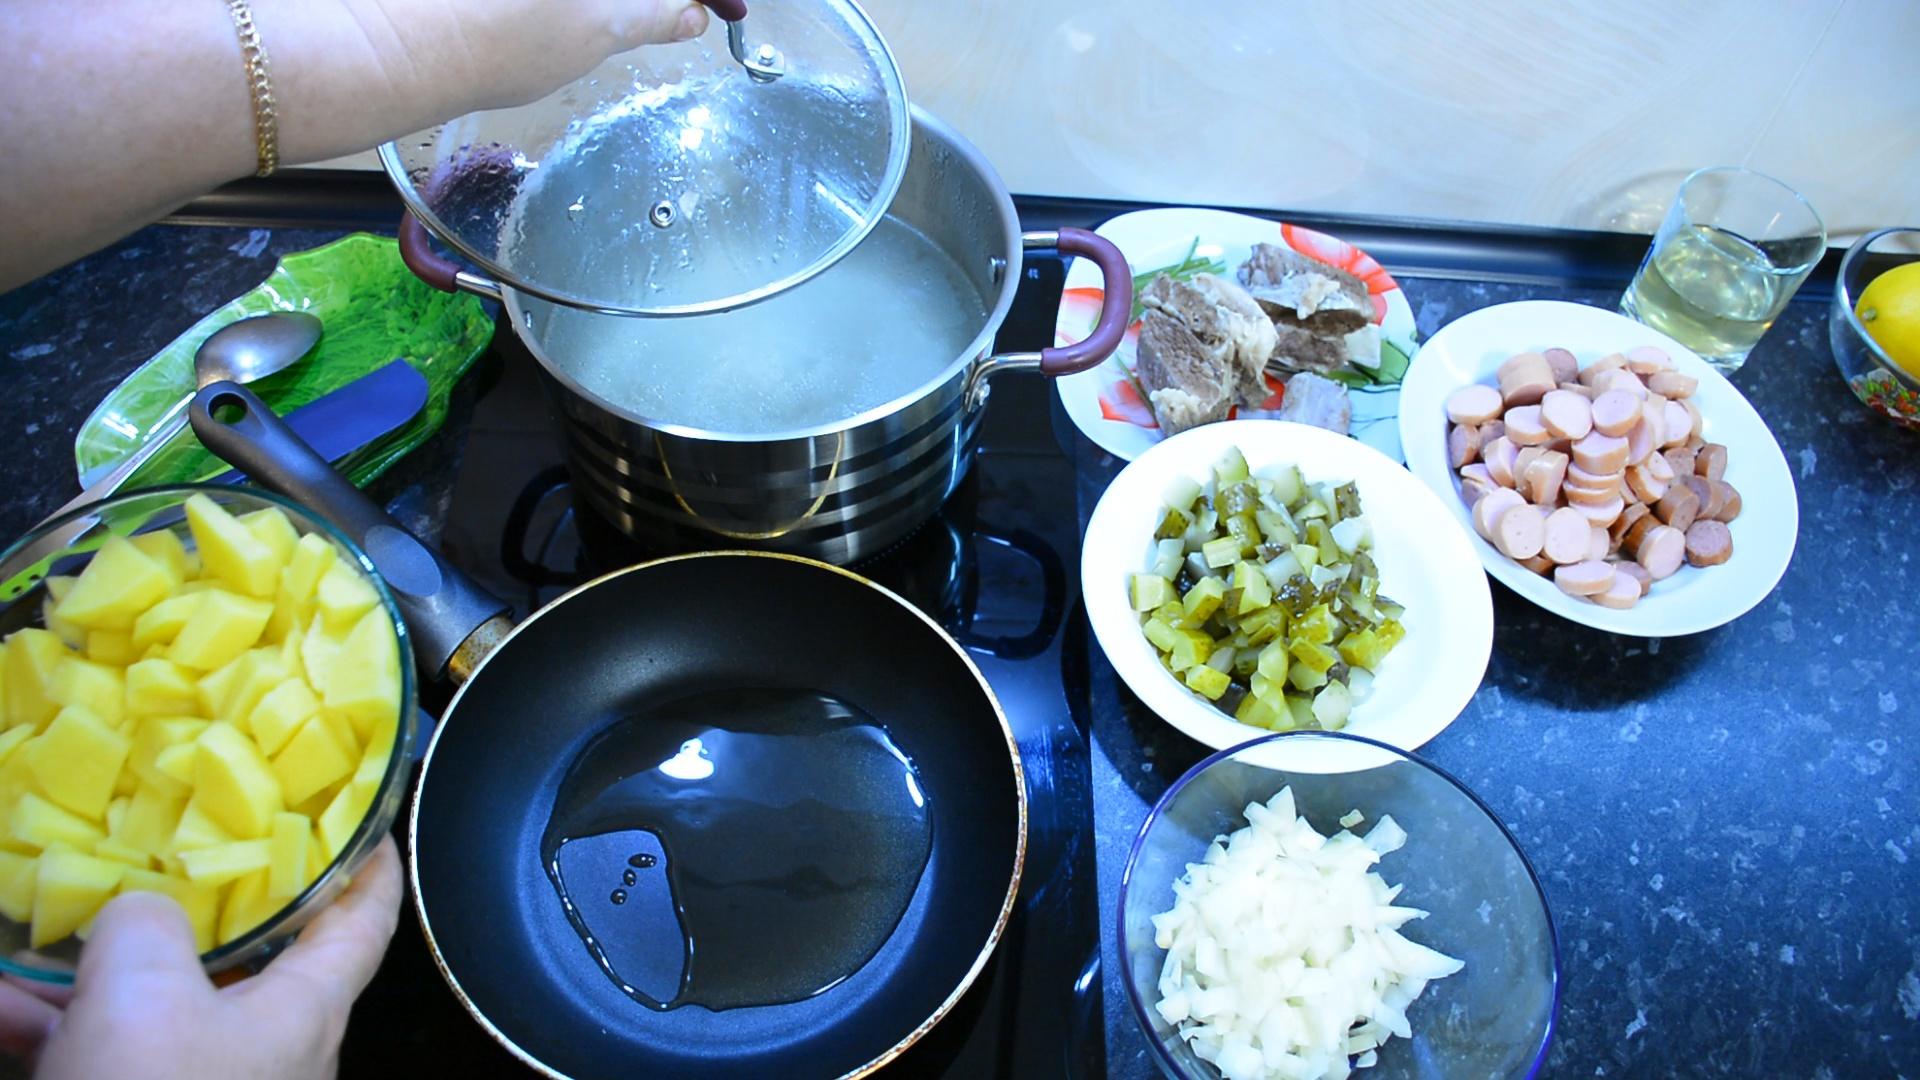 То, что нужно после новогодних праздников! Вкусный и простой рецепт сборной солянки - семья оценит